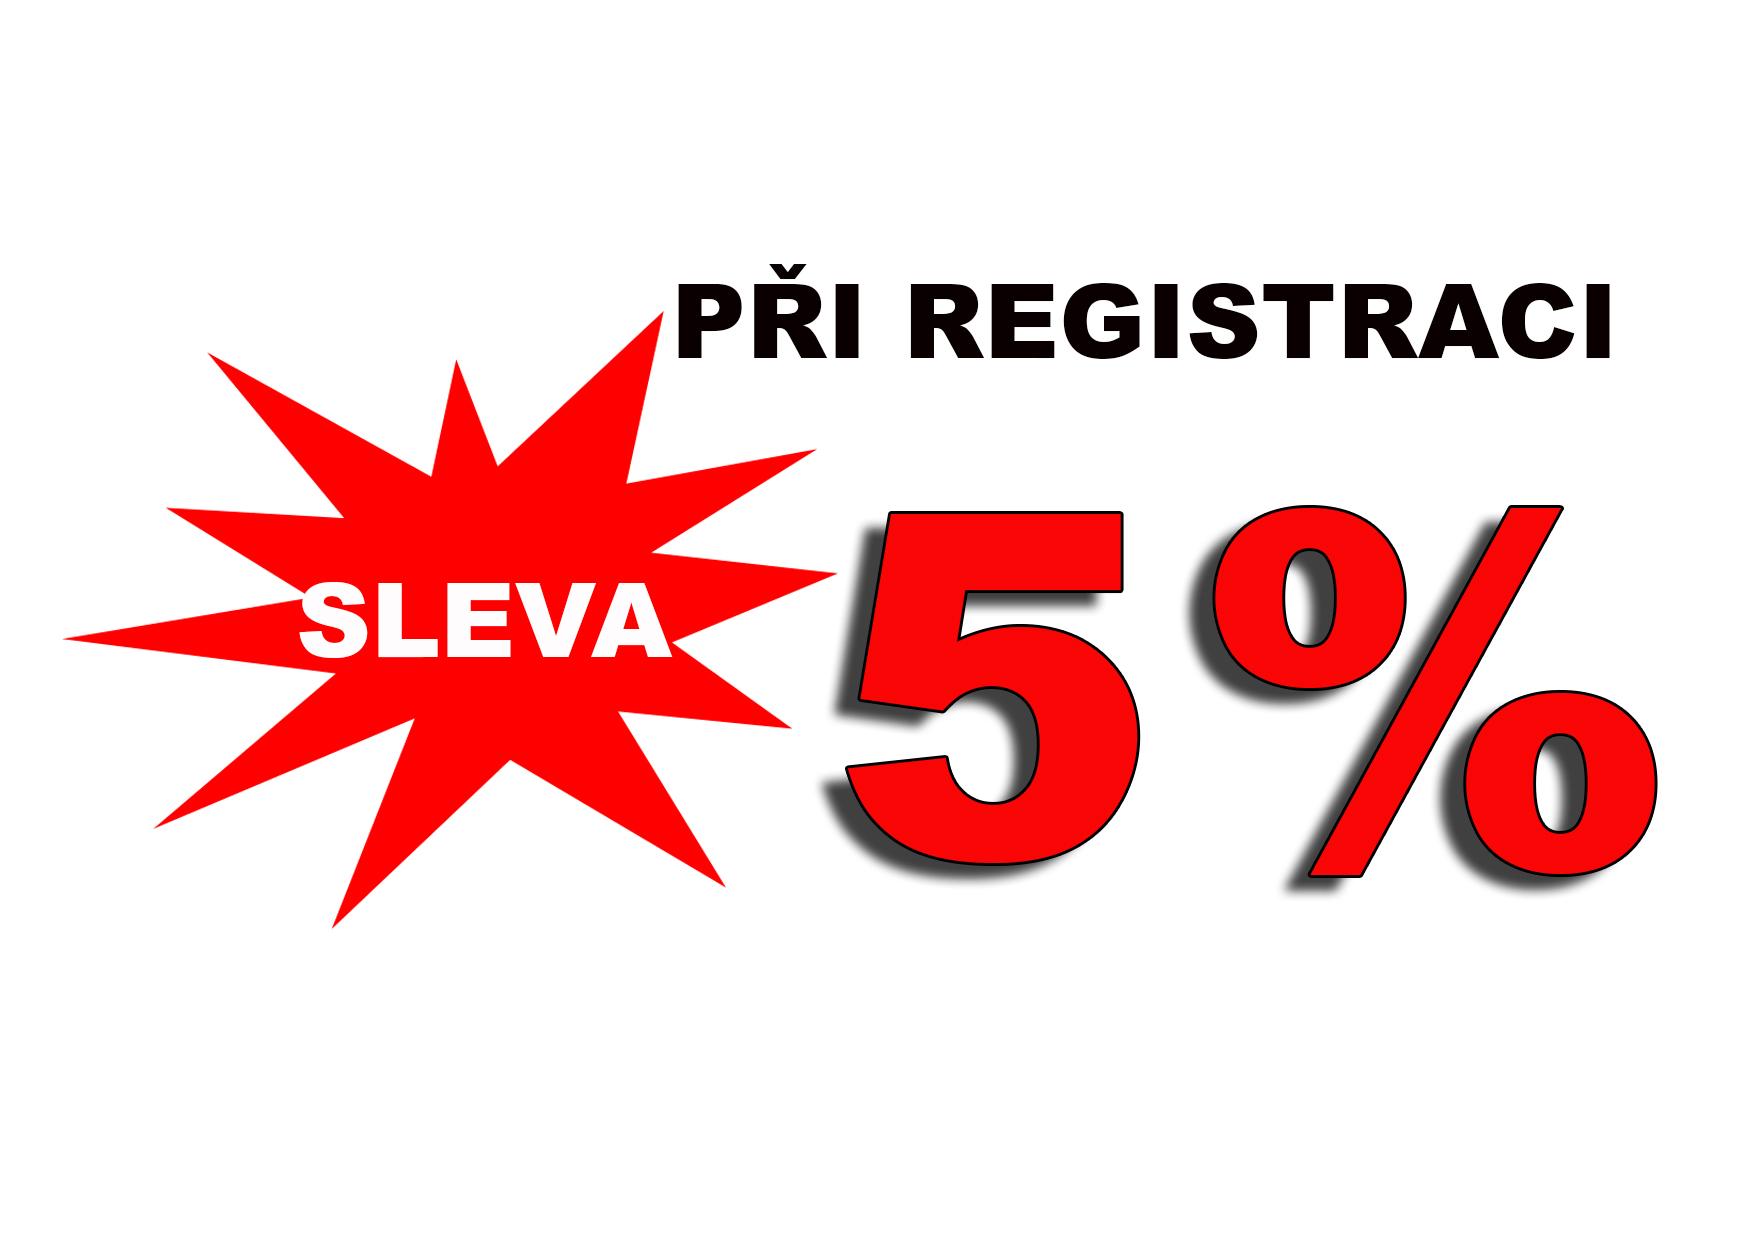 Při registraci 5% sleva !